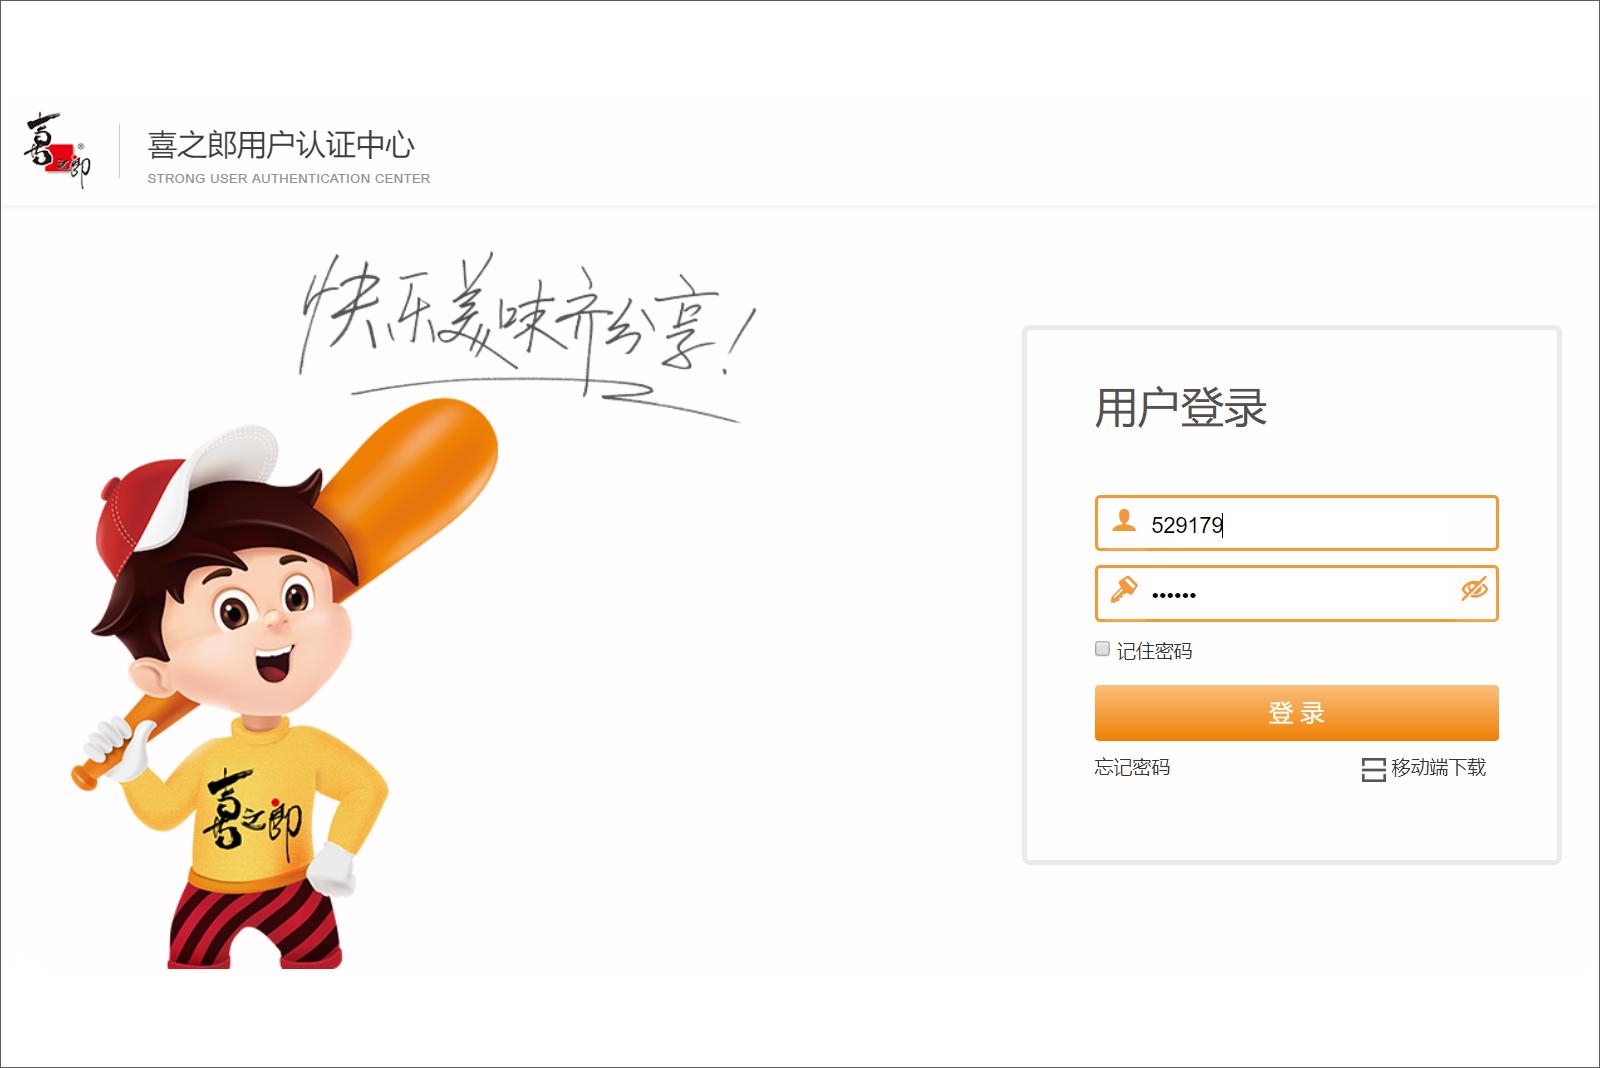 广东喜之郎集团有限公司泛微OA系统项目验收